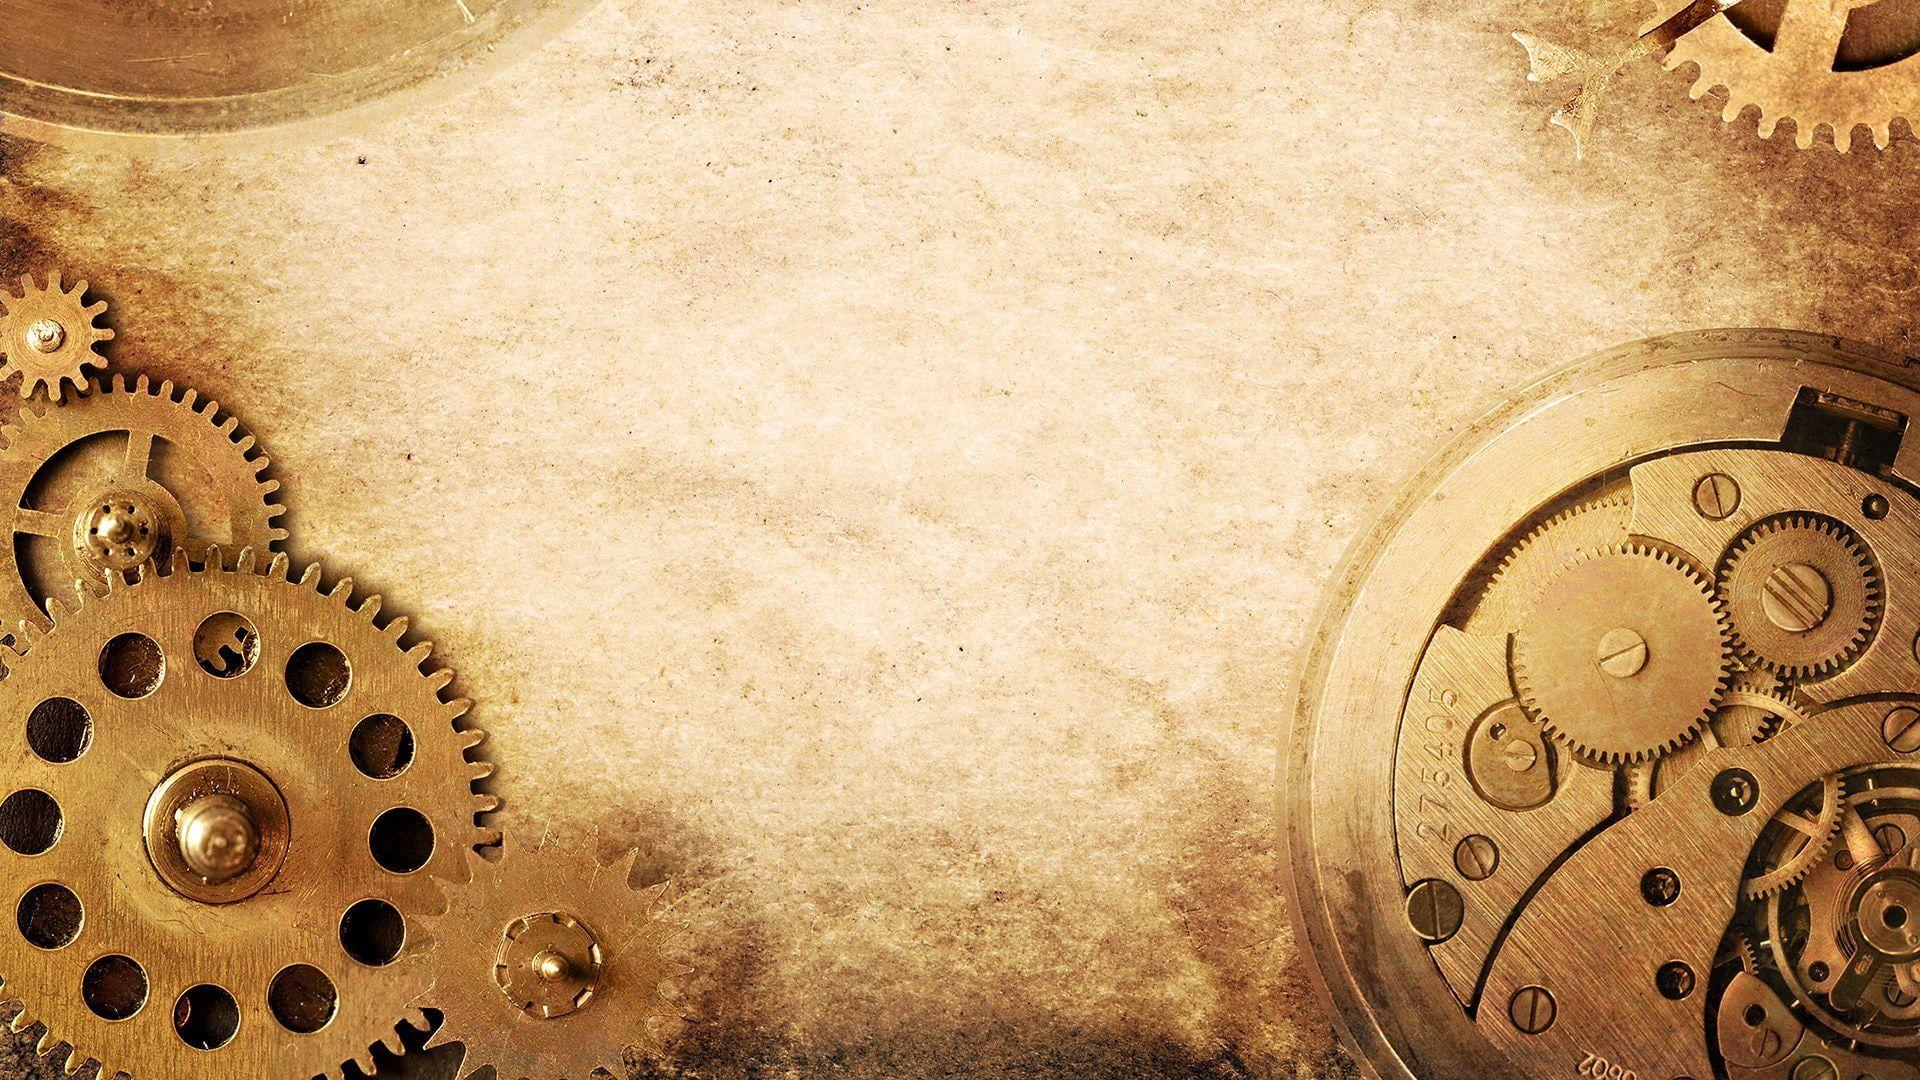 Technology Gears Clockwork Watches Steampunk Screw 1080p Wallpaper Hdwallpaper Desktop Grunge Paper Steampunk Wallpaper